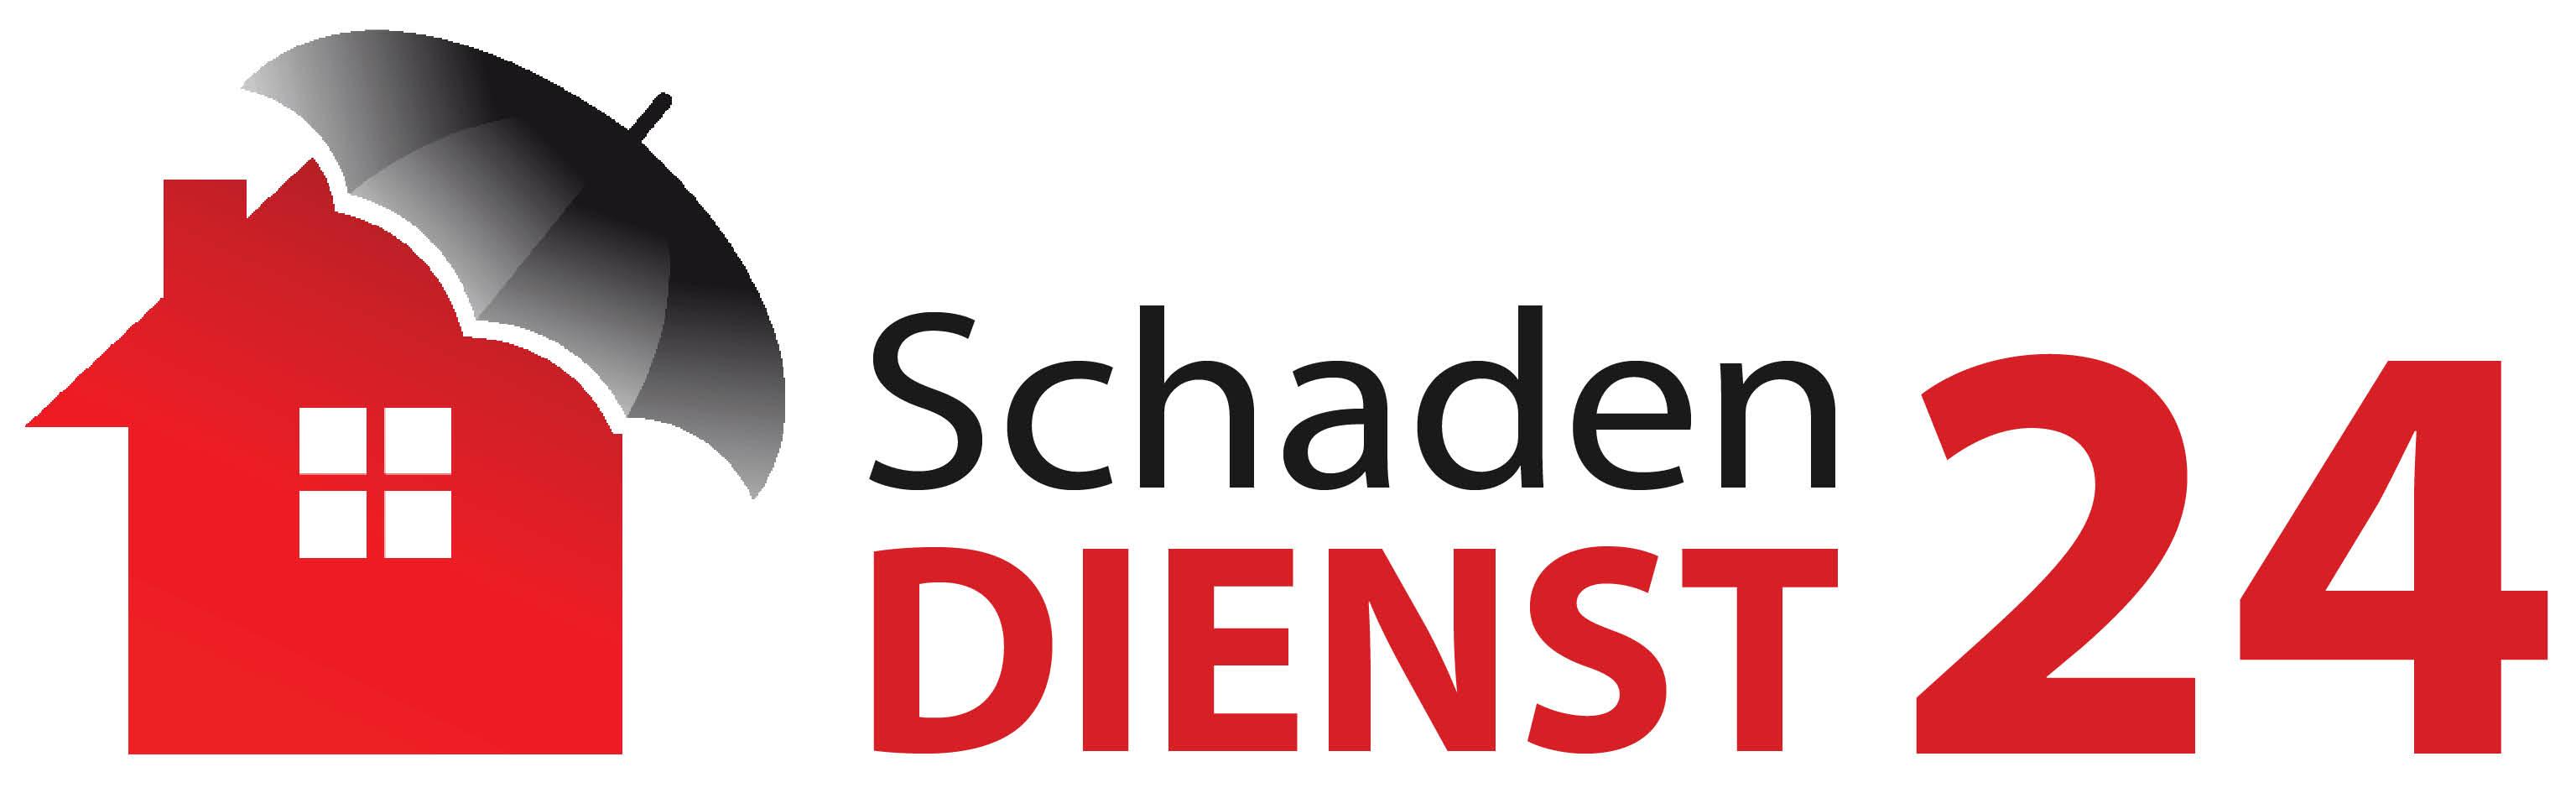 SchadenDienst24 Netzwerk Logo